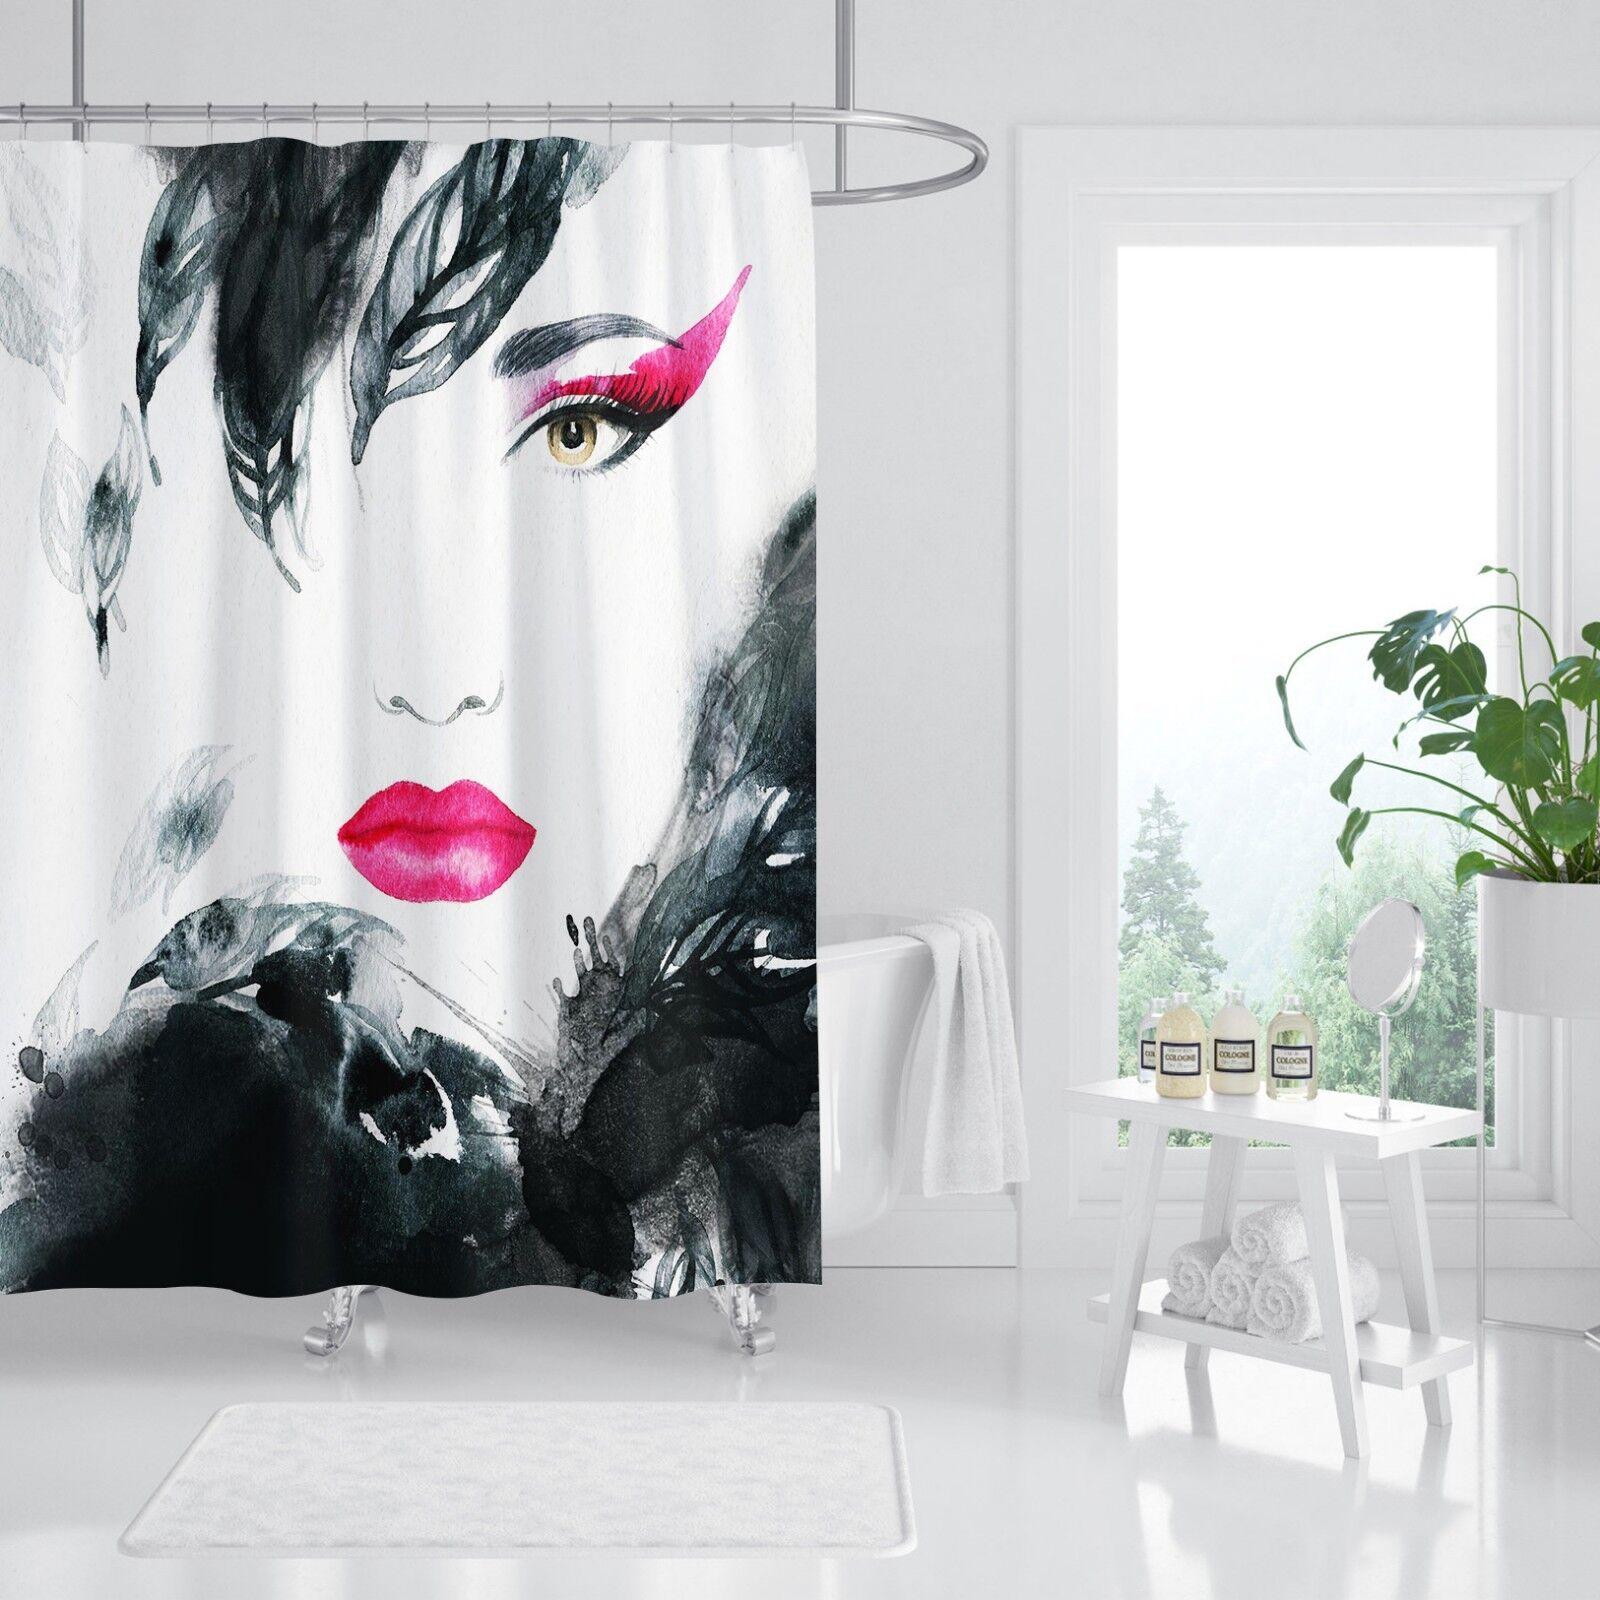 3D fille Graffiti 880 Rideau de Douche Imperméable Fibre Salle De Bain Windows Toilette